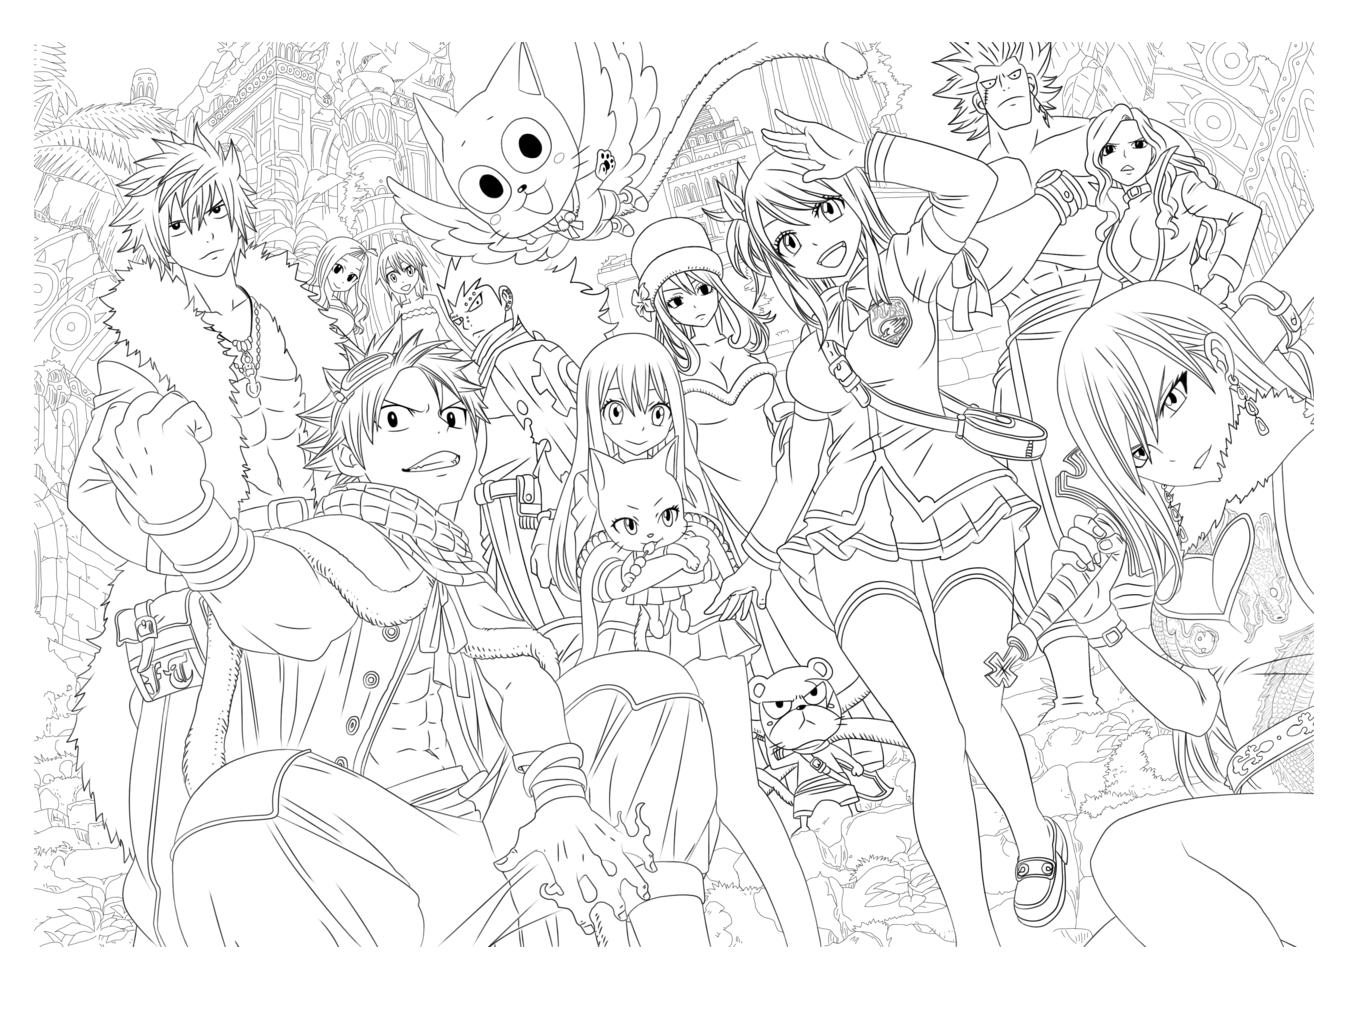 Manga characters, by Tobeyd